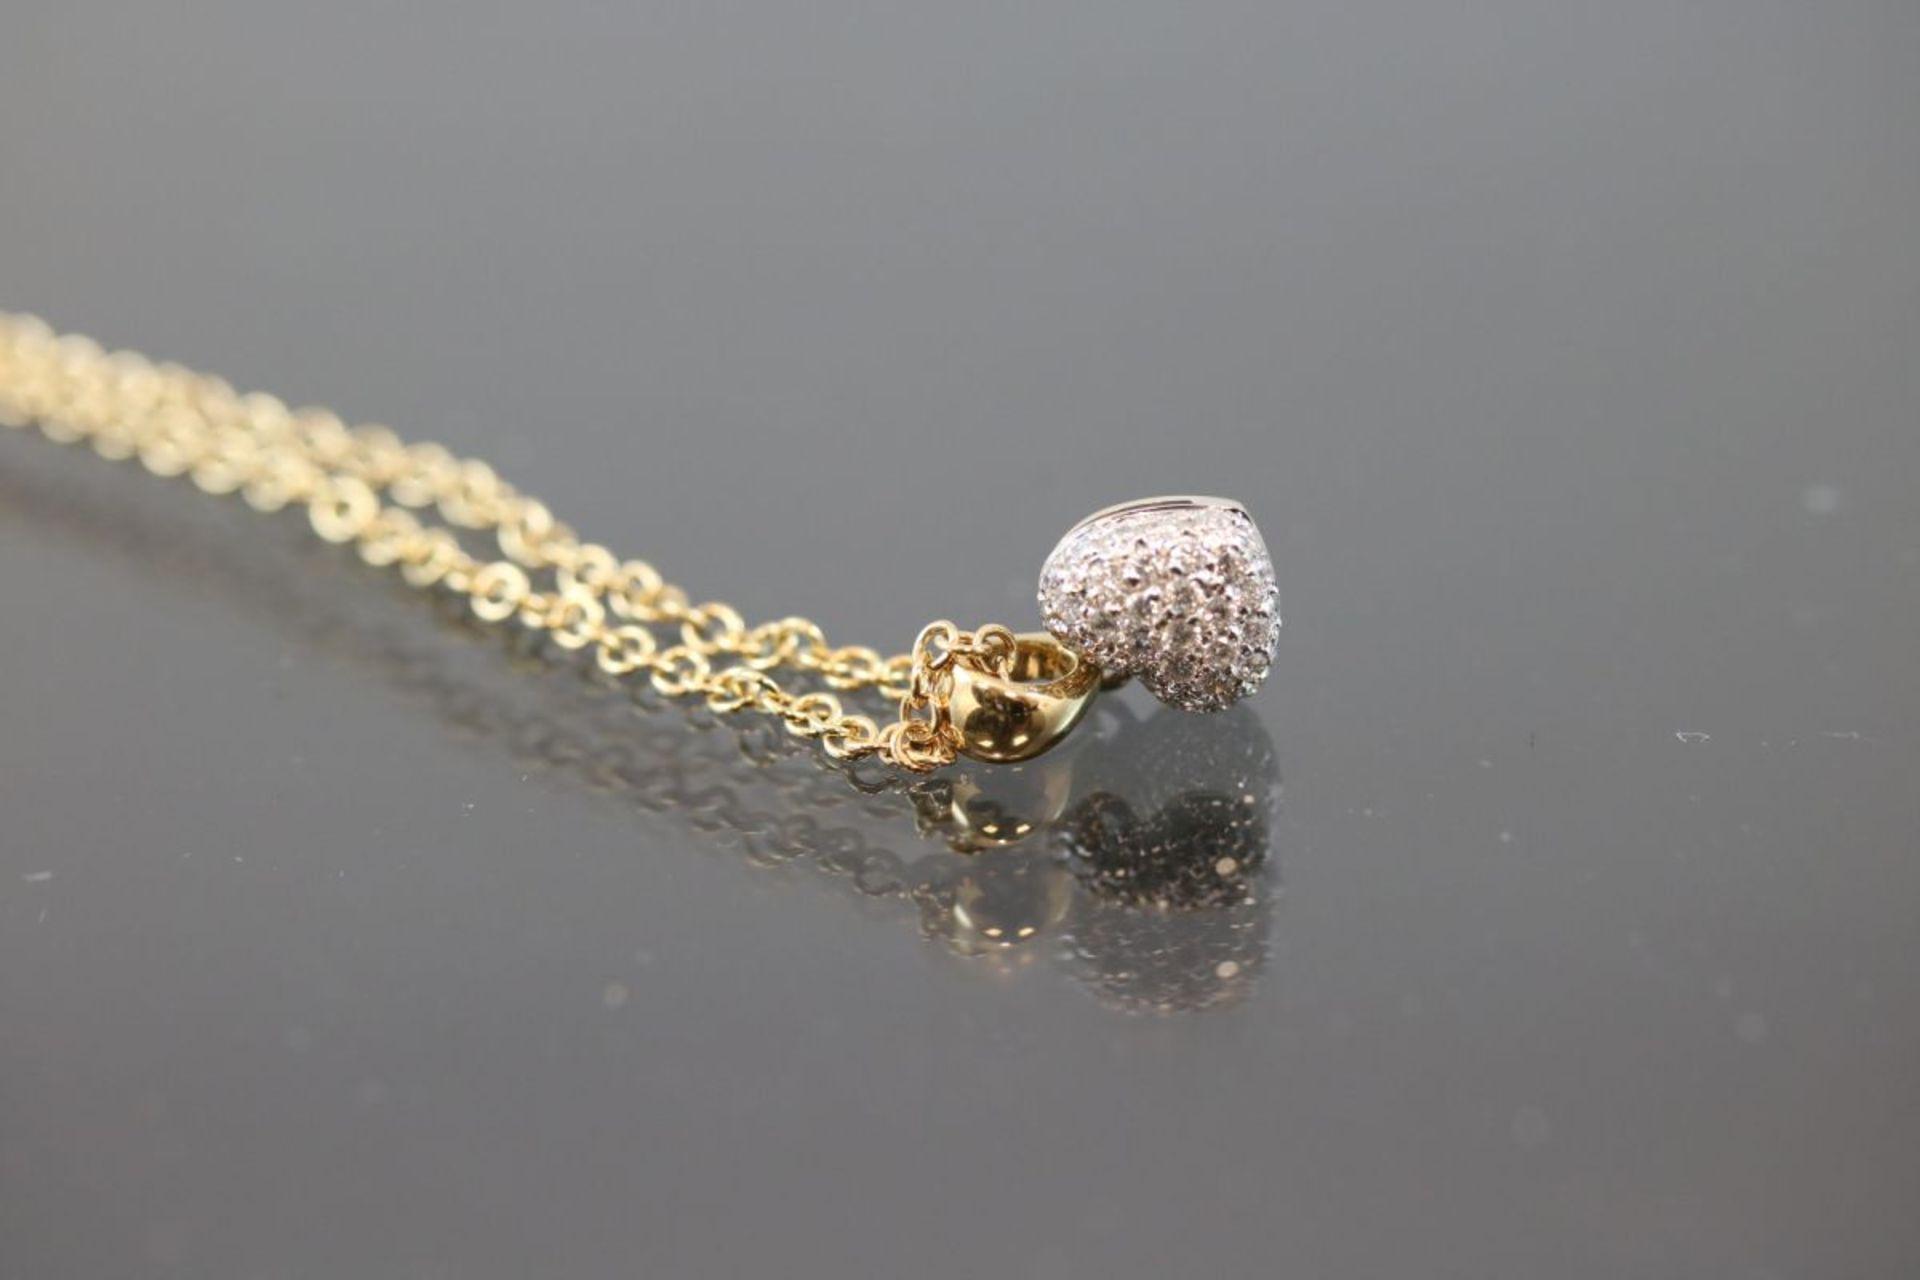 Brillant-Herzanhänger mit Kette, 750 Gold5,2 Gramm Länge: 42 cm Schätzpreis: 2400,- - Bild 2 aus 3